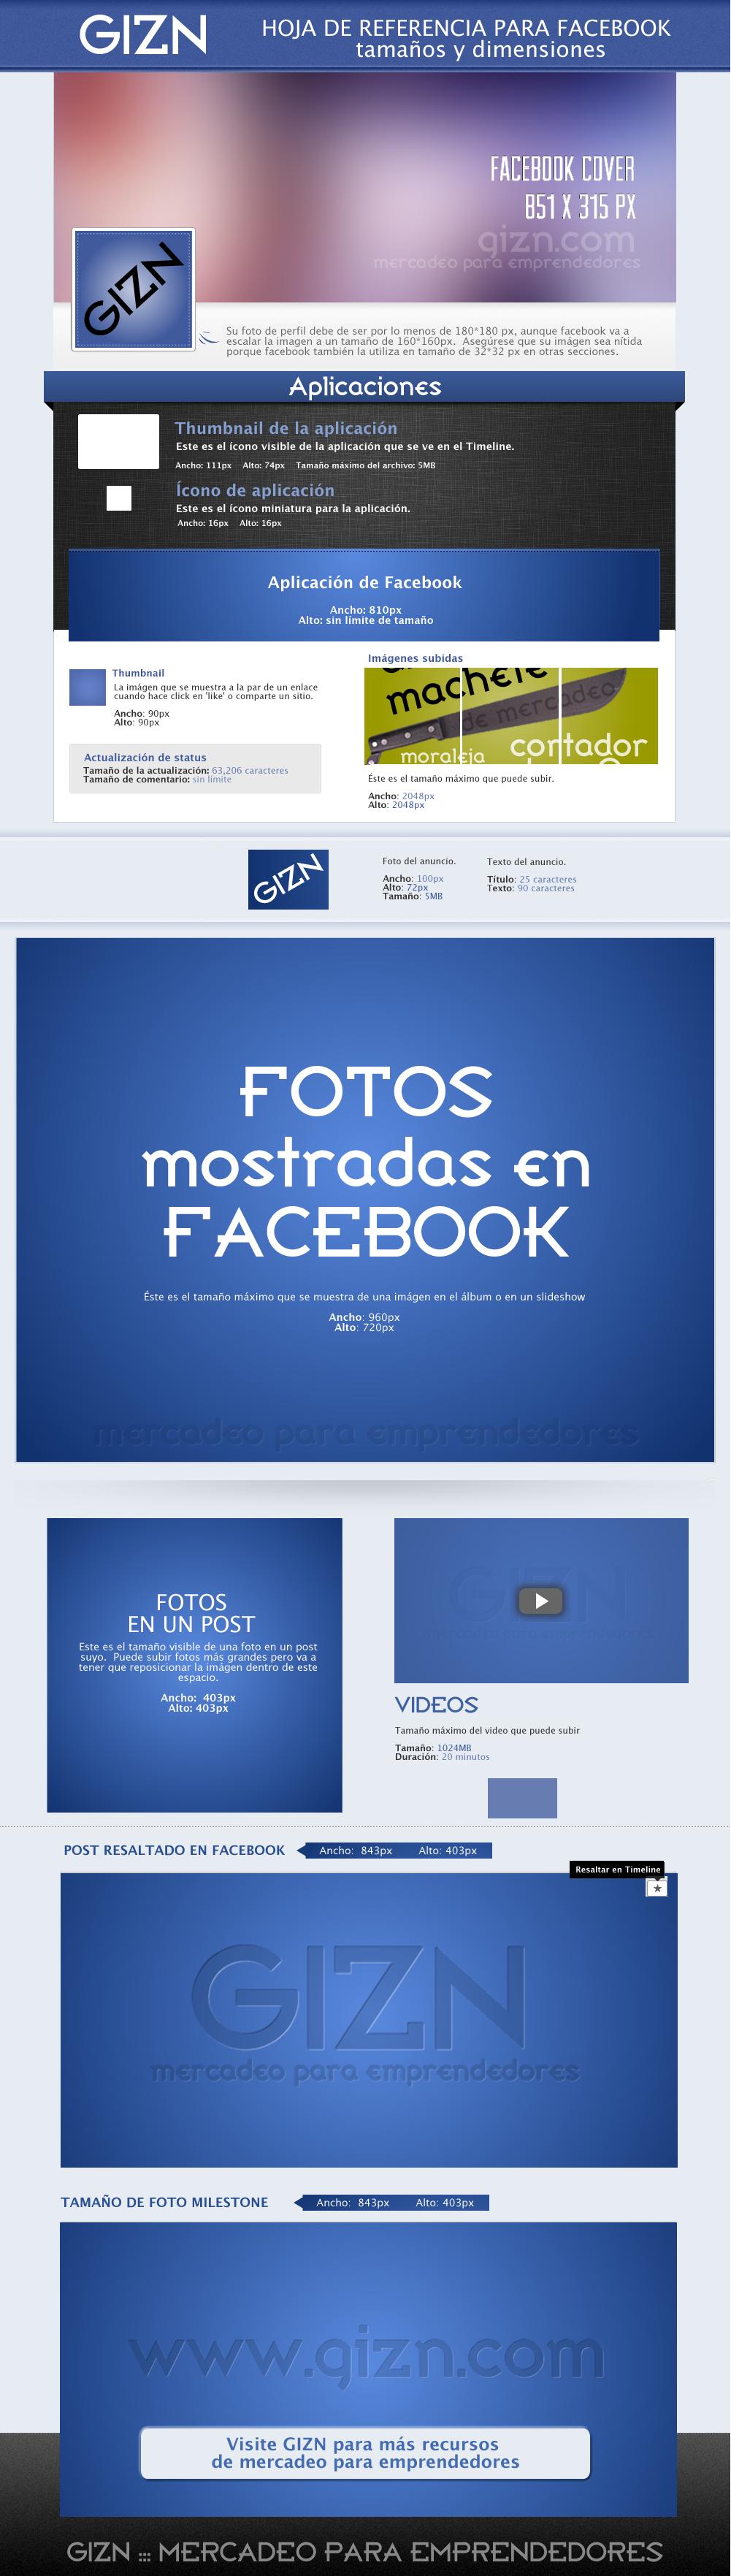 Fotos para Facebook - tamaños y dimensiones :: GIZN